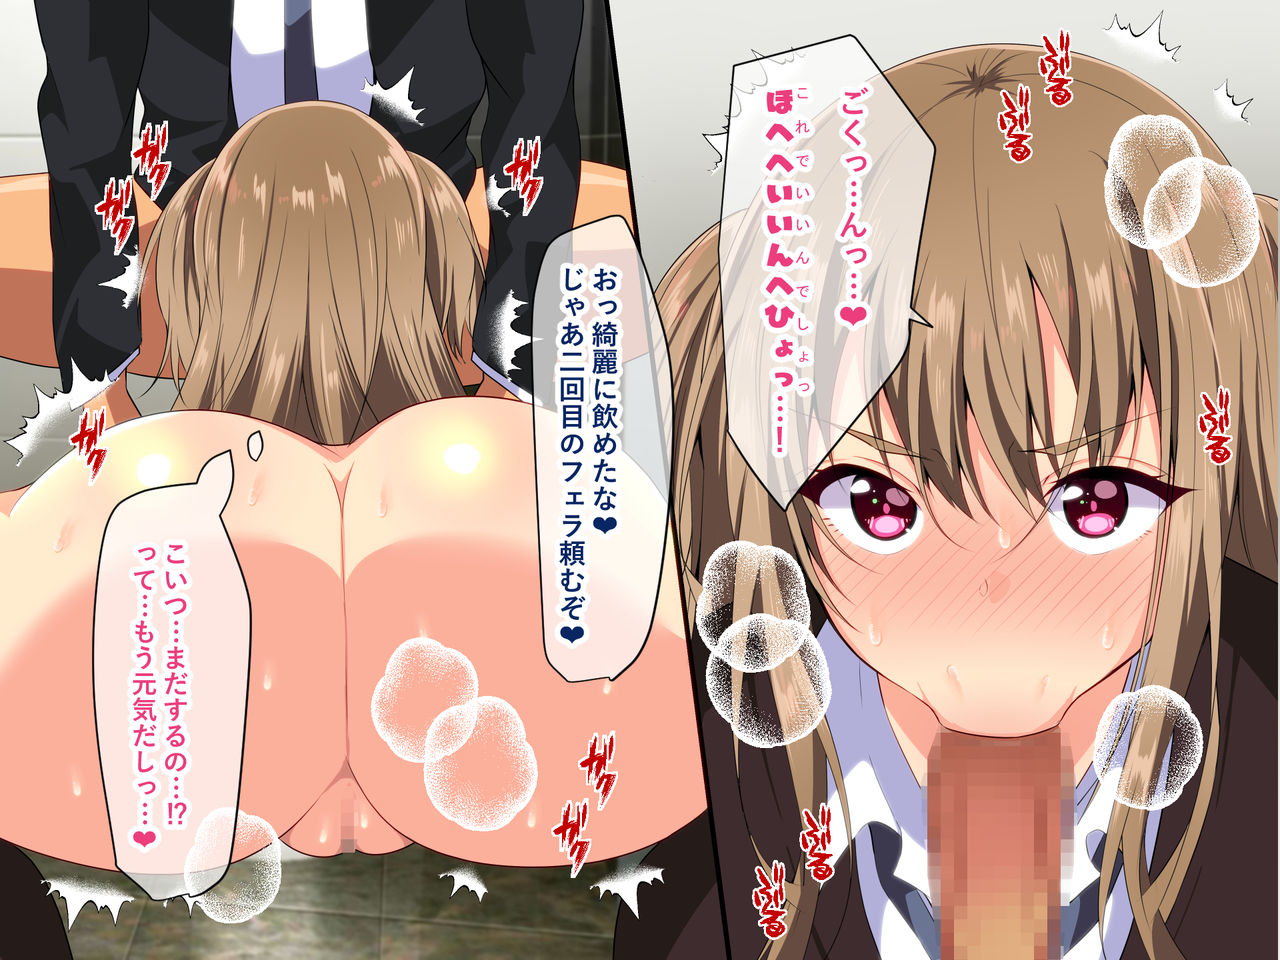 【同人CG】茶髪ツインテ美少女のオナフェラ口内射精エロ画像4【シスターコンプレックス!】